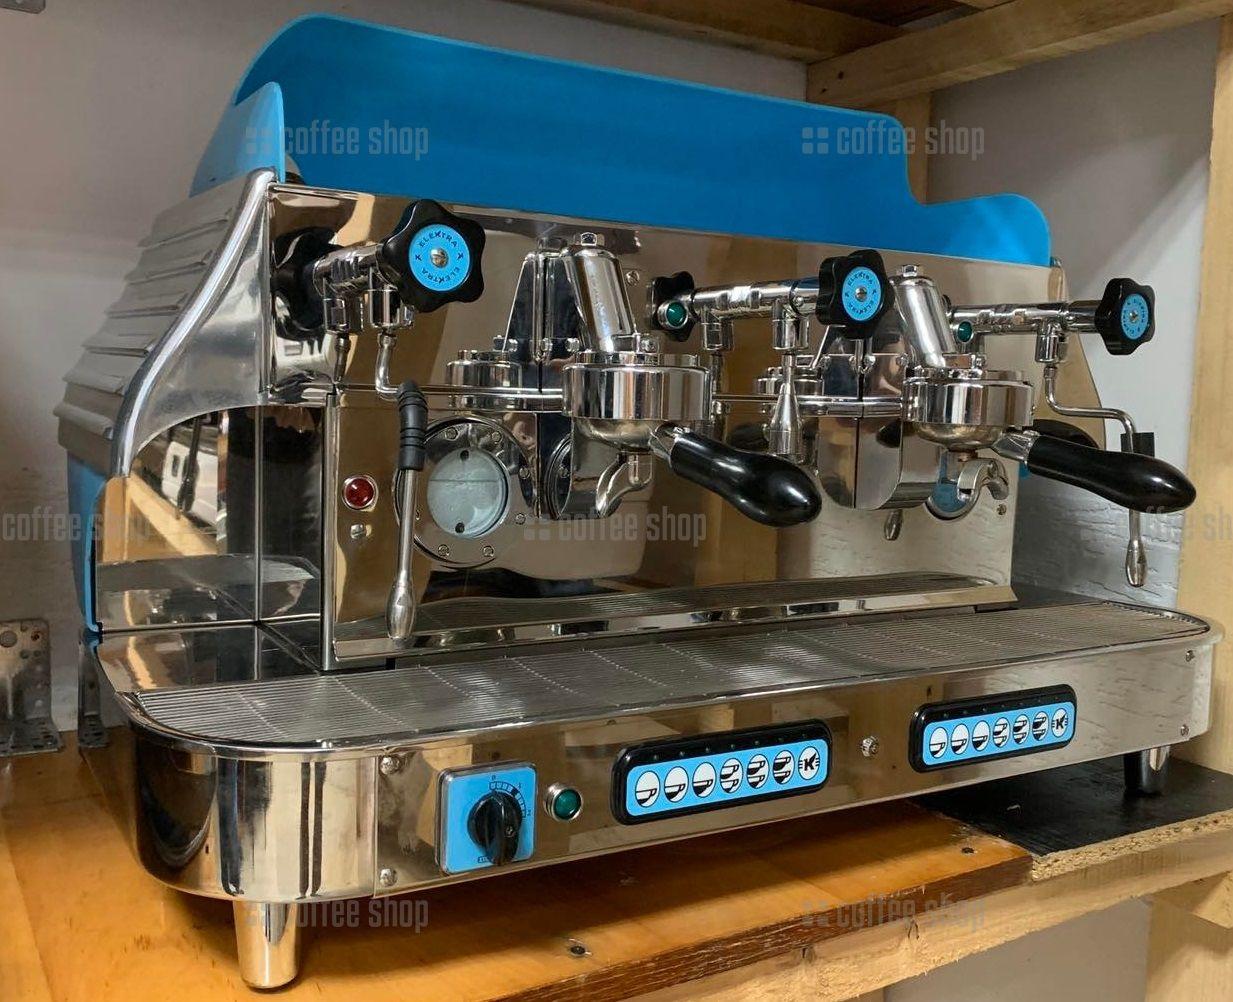 16360 | Кофемашина профессиональная Elektra Classic Barlume V1C б/у | Coffee Shop